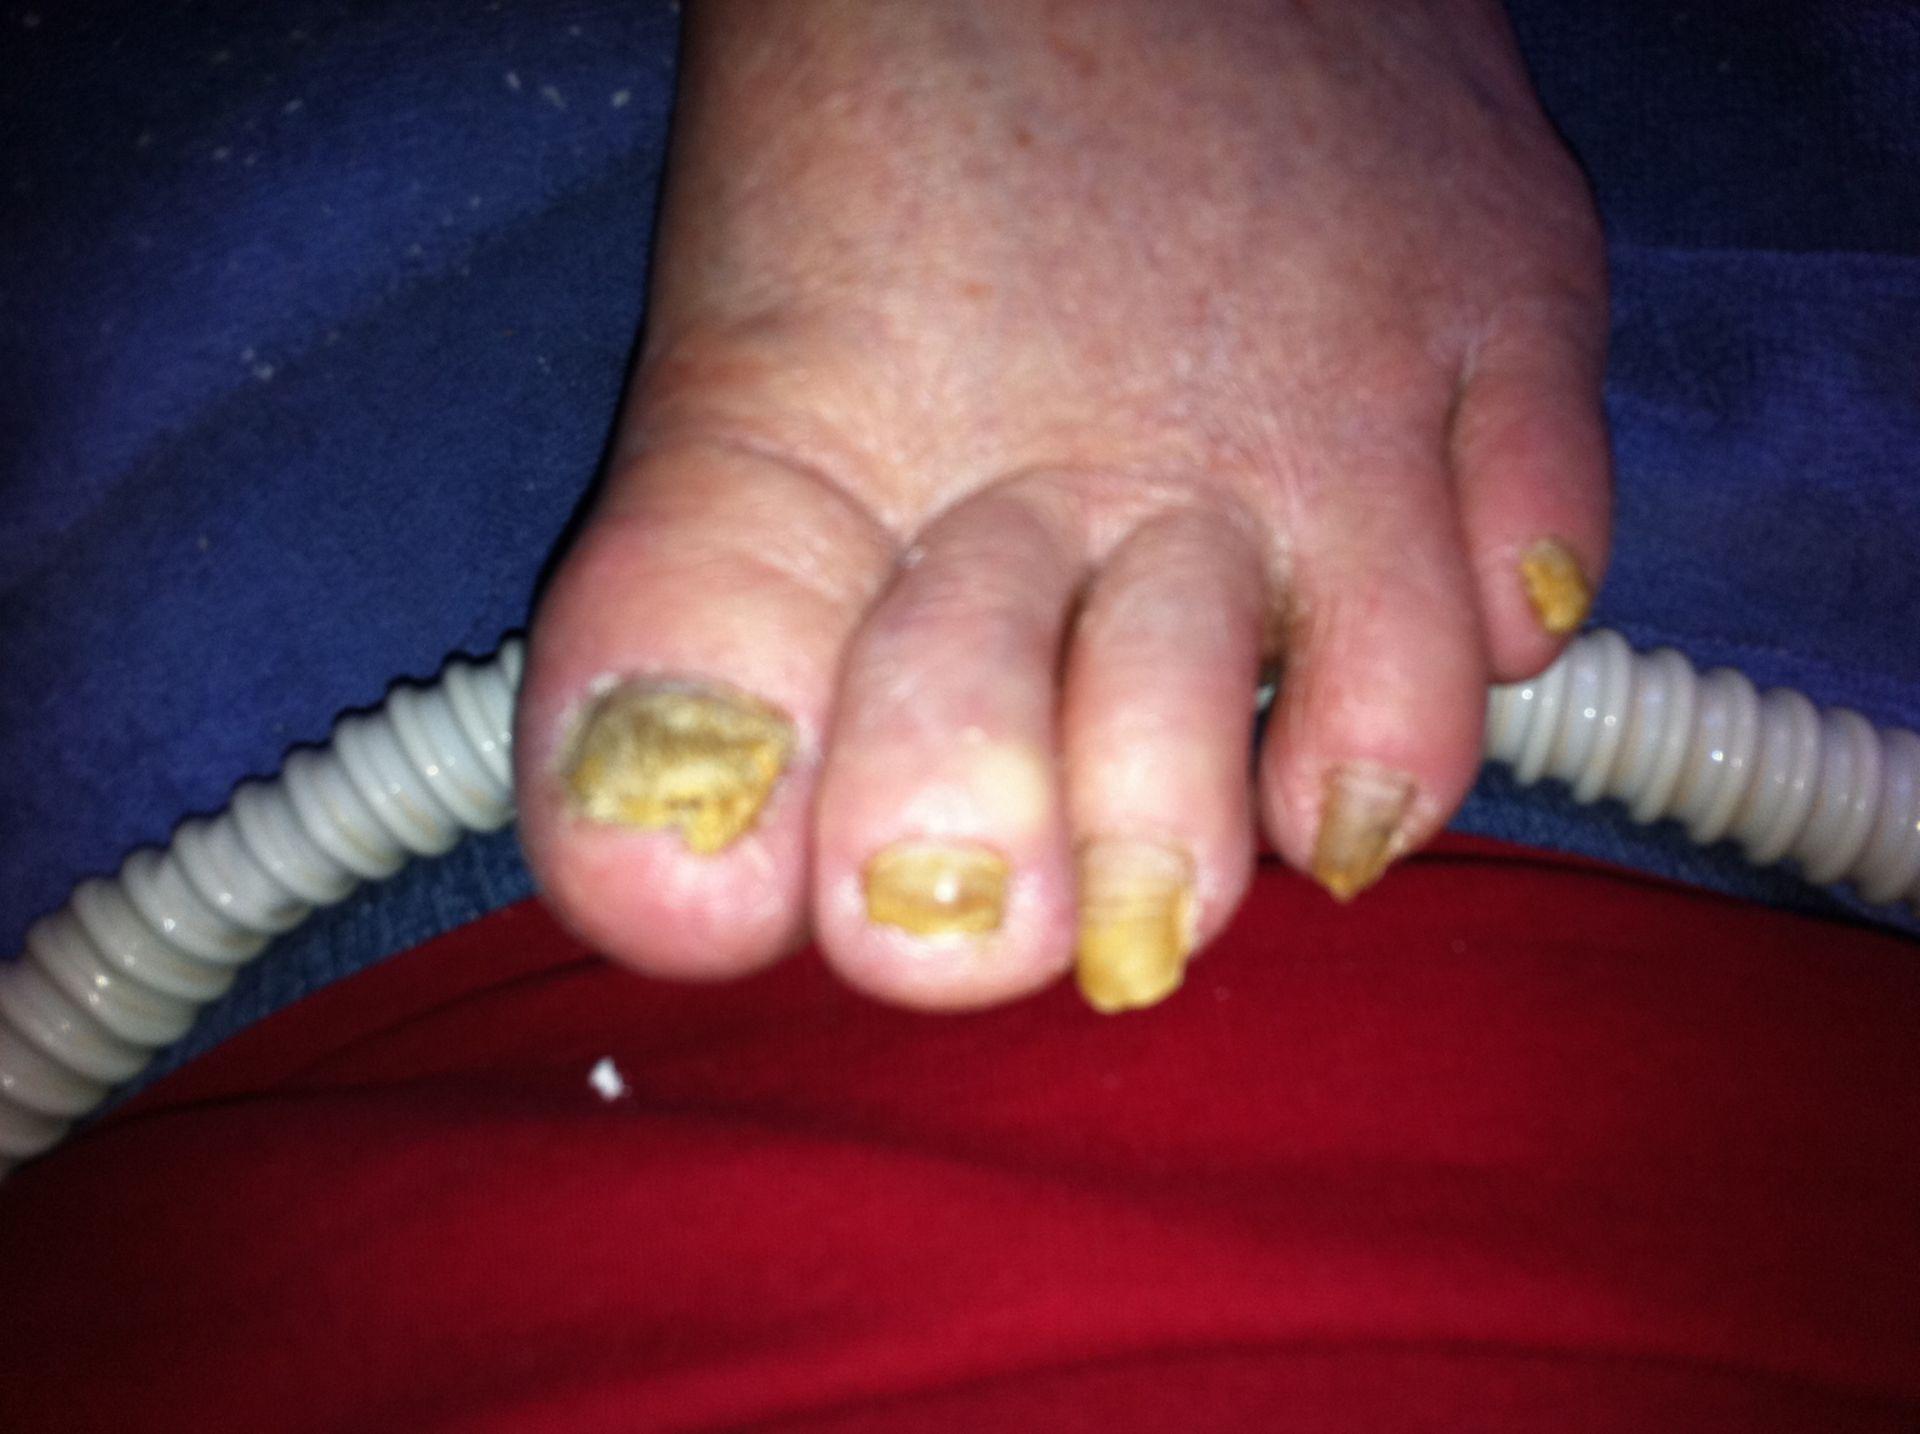 Sospetta micosi delle unghie dei piedi